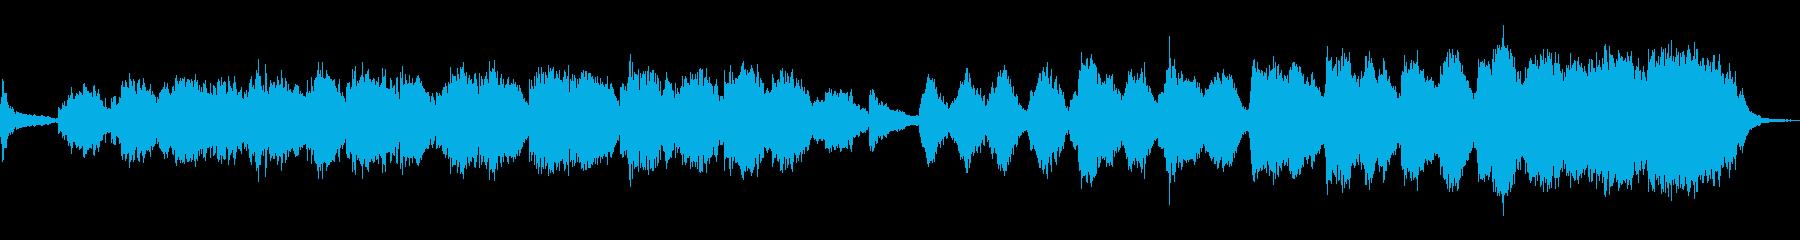 ダークでアダルトな曲の再生済みの波形